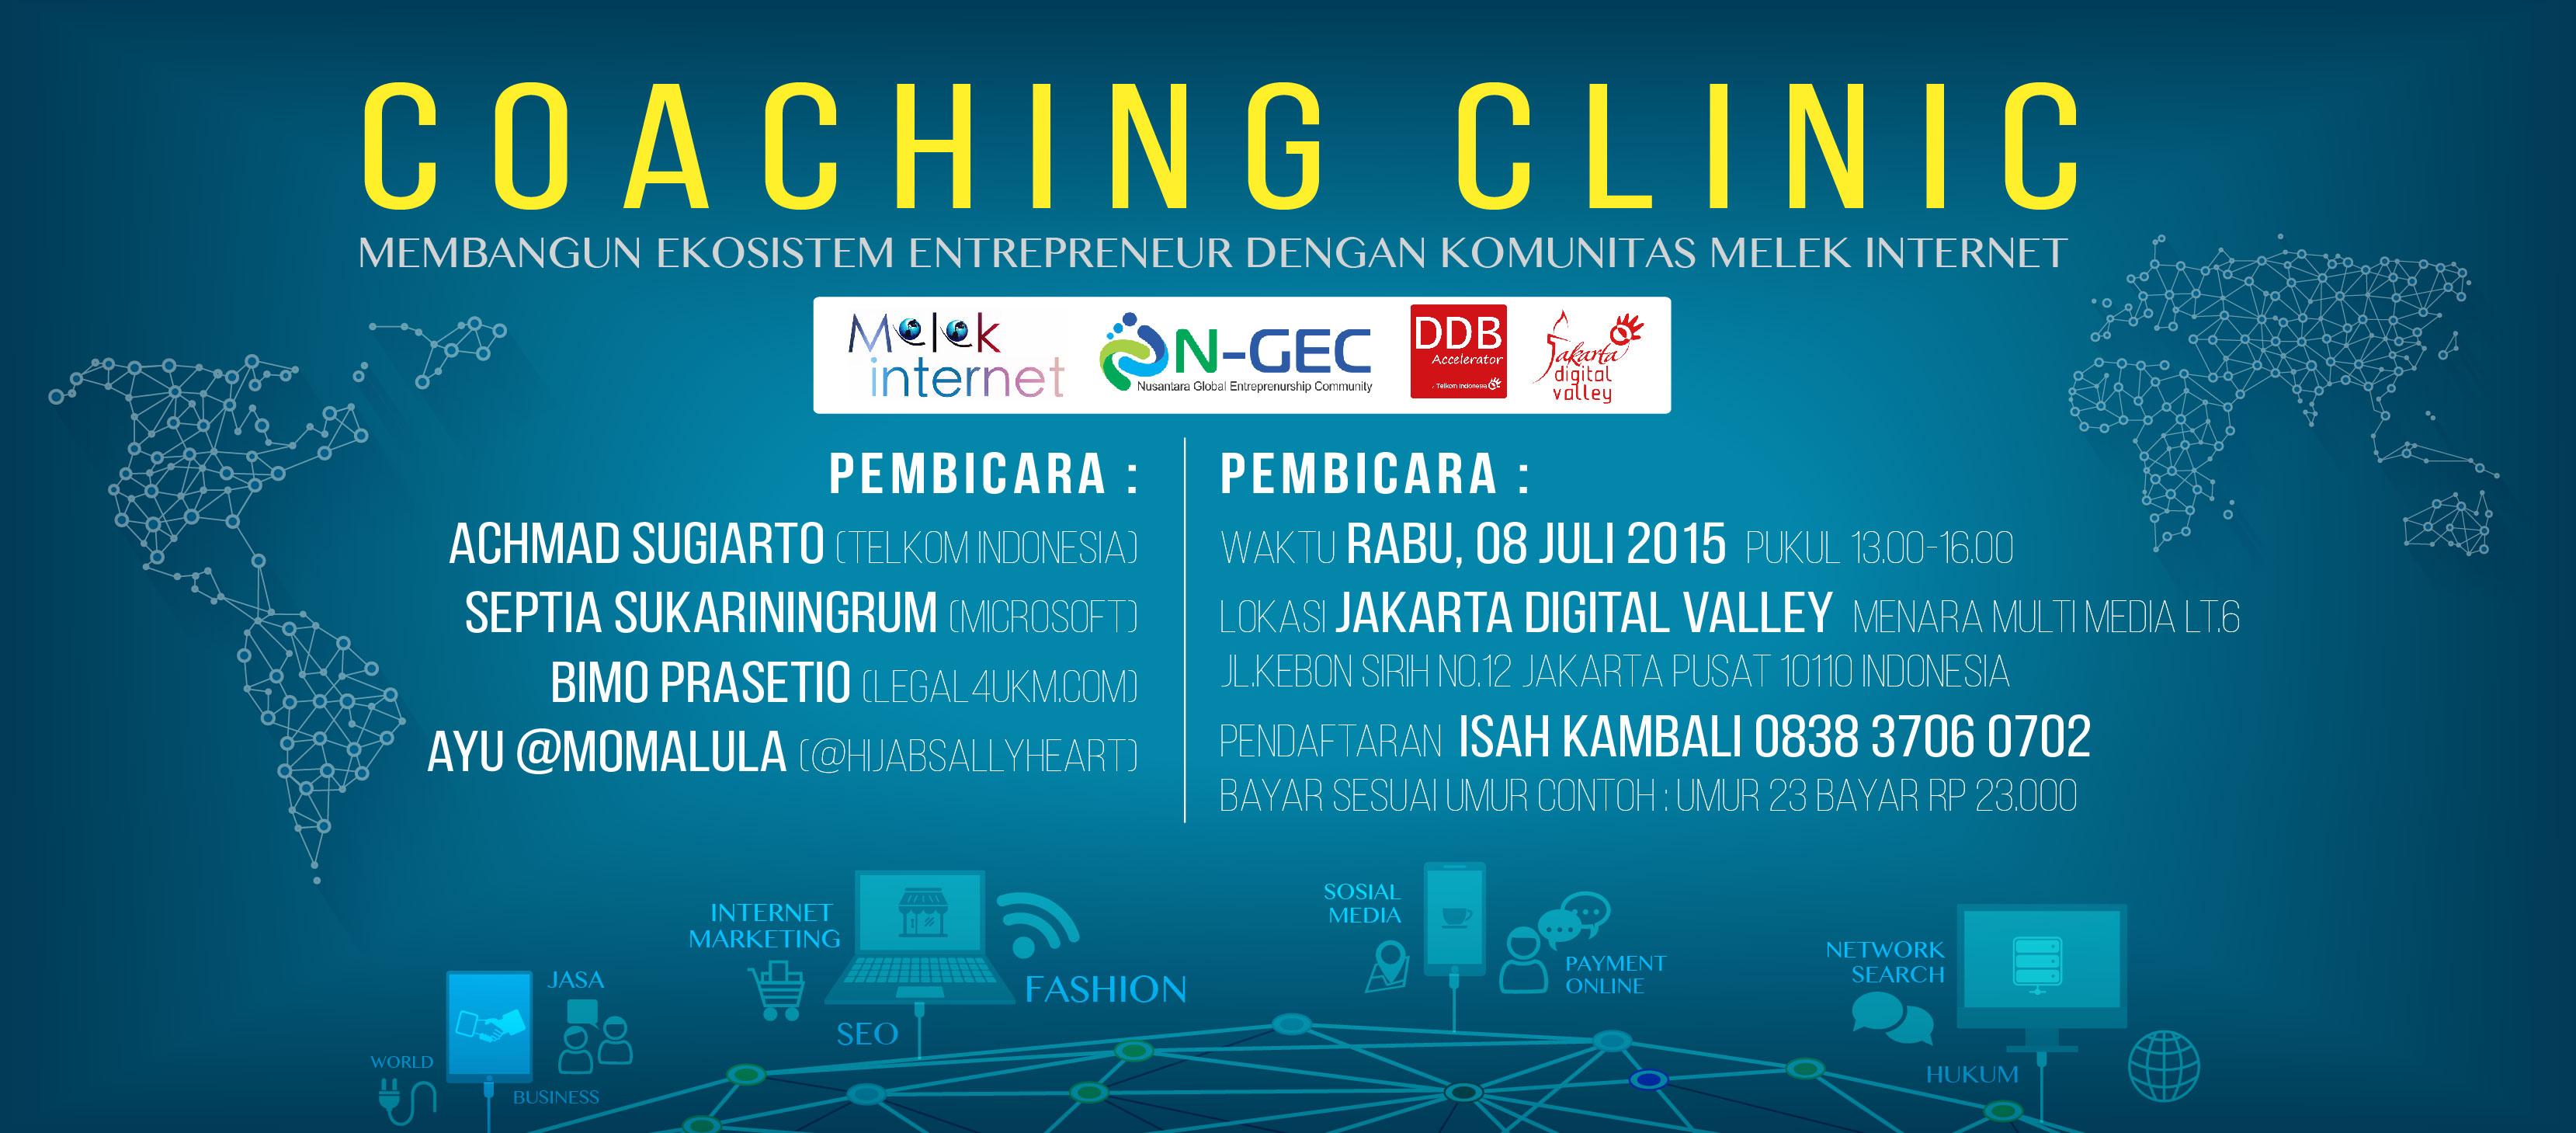 Coaching-Clinic-Komunitas-Melek-Internet-Telkom